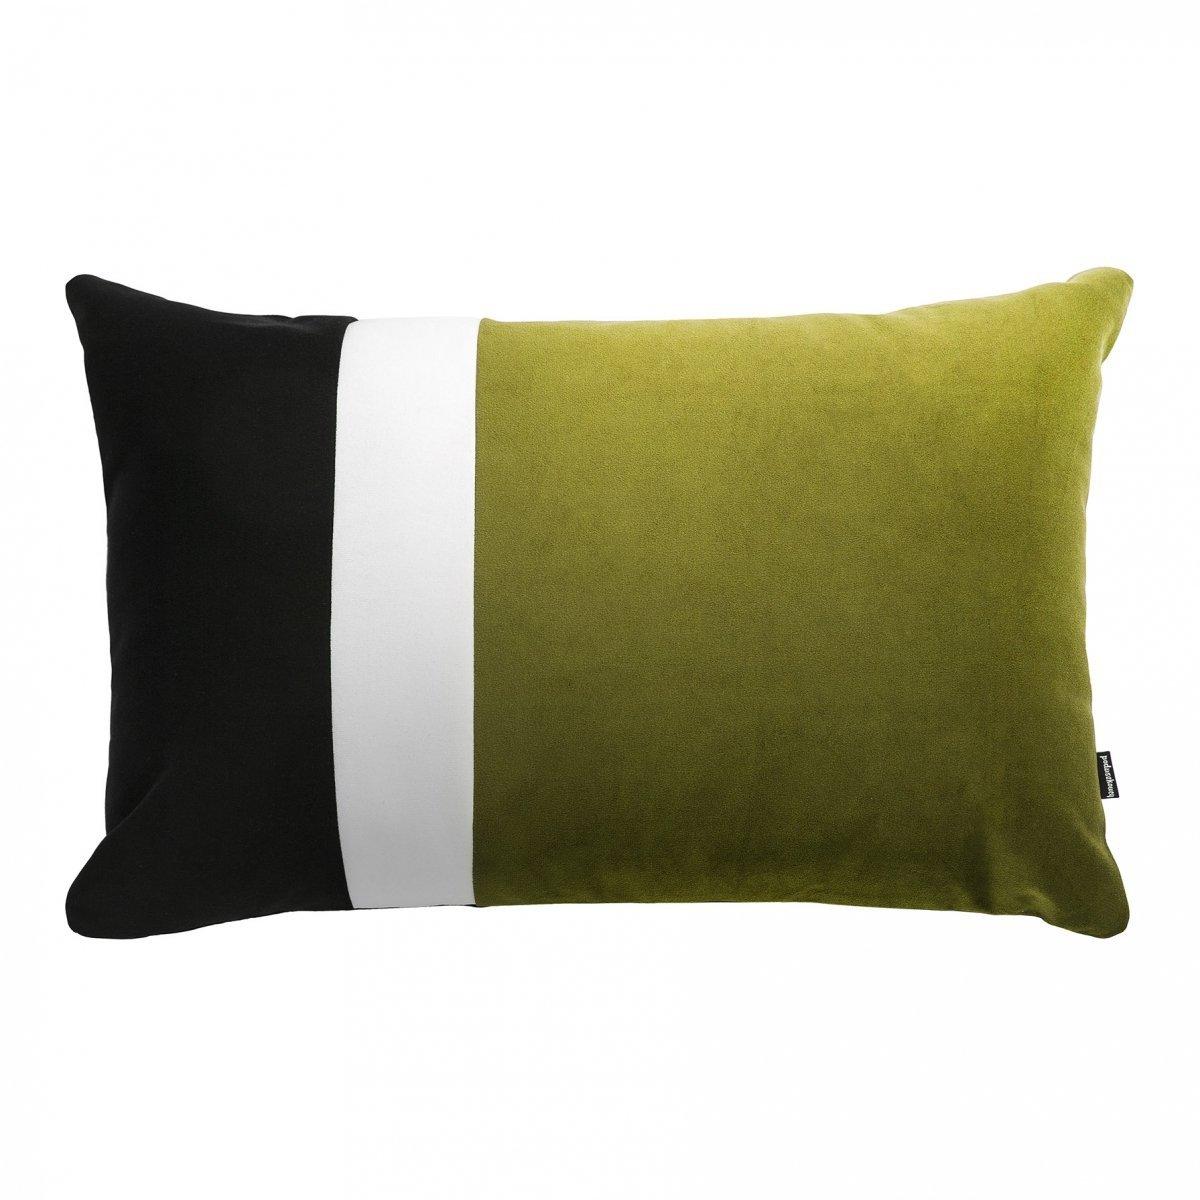 Pram L zielona welurowa poduszka dekoracyjna 40x60 cm